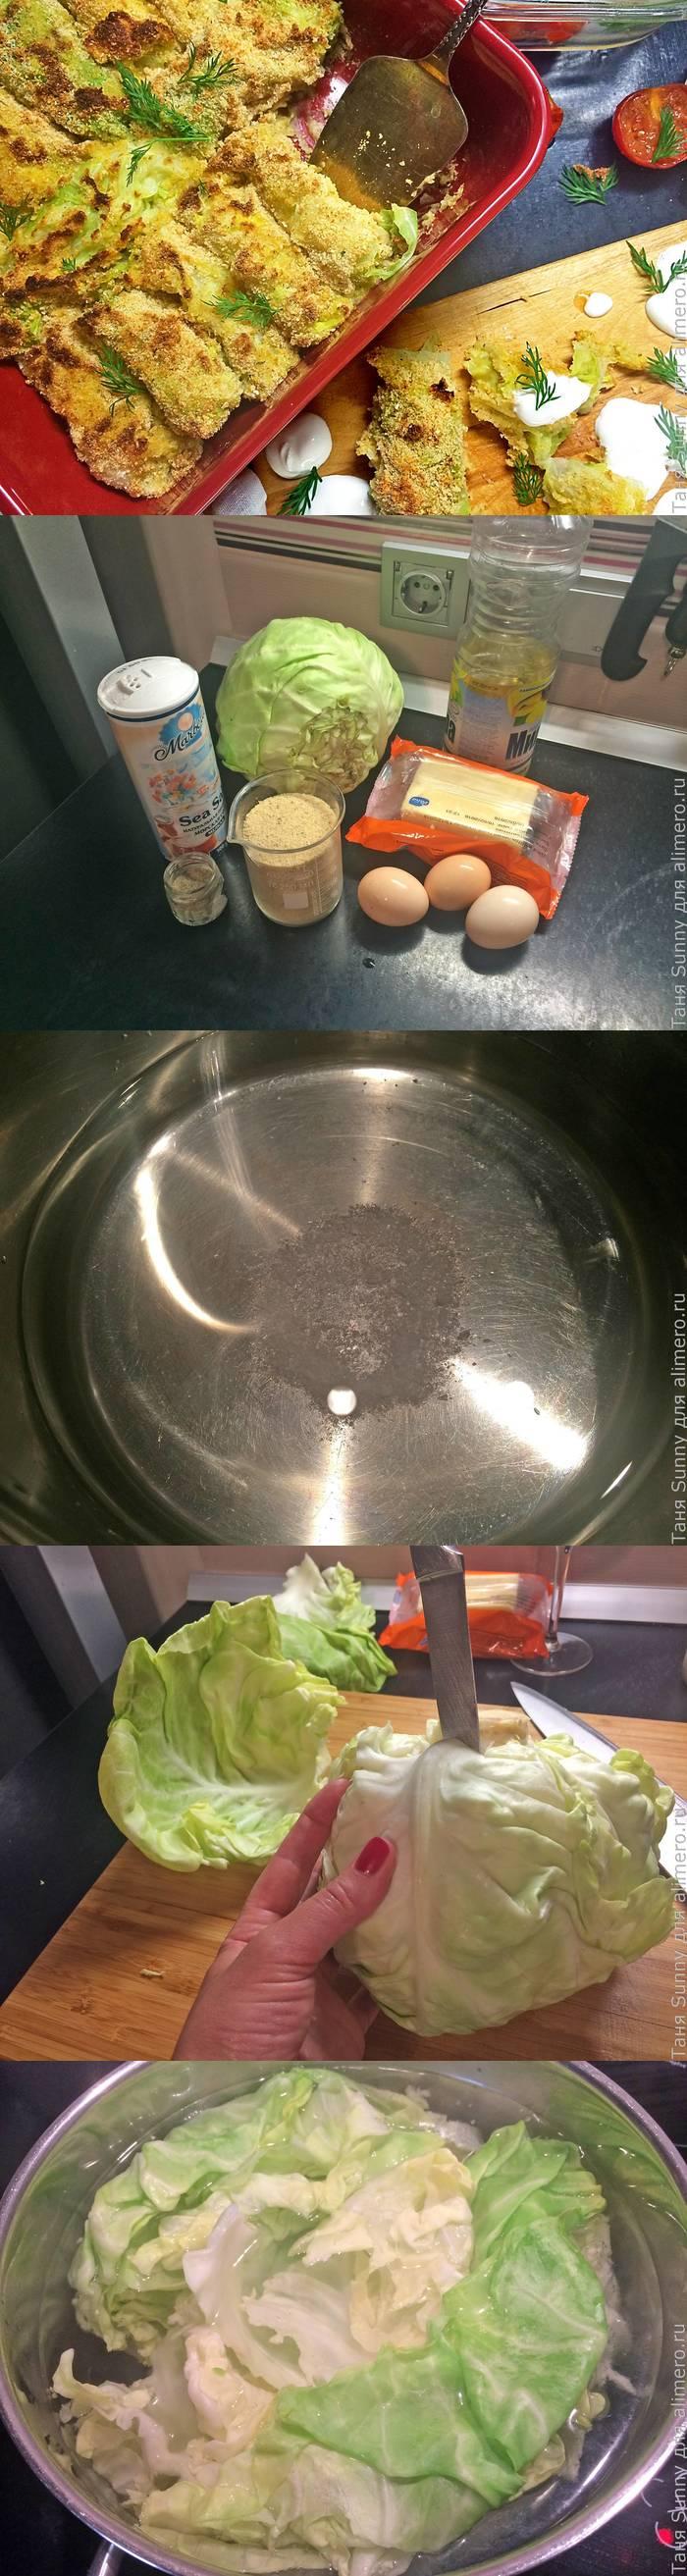 Капуста с сыром или капустные рулетики